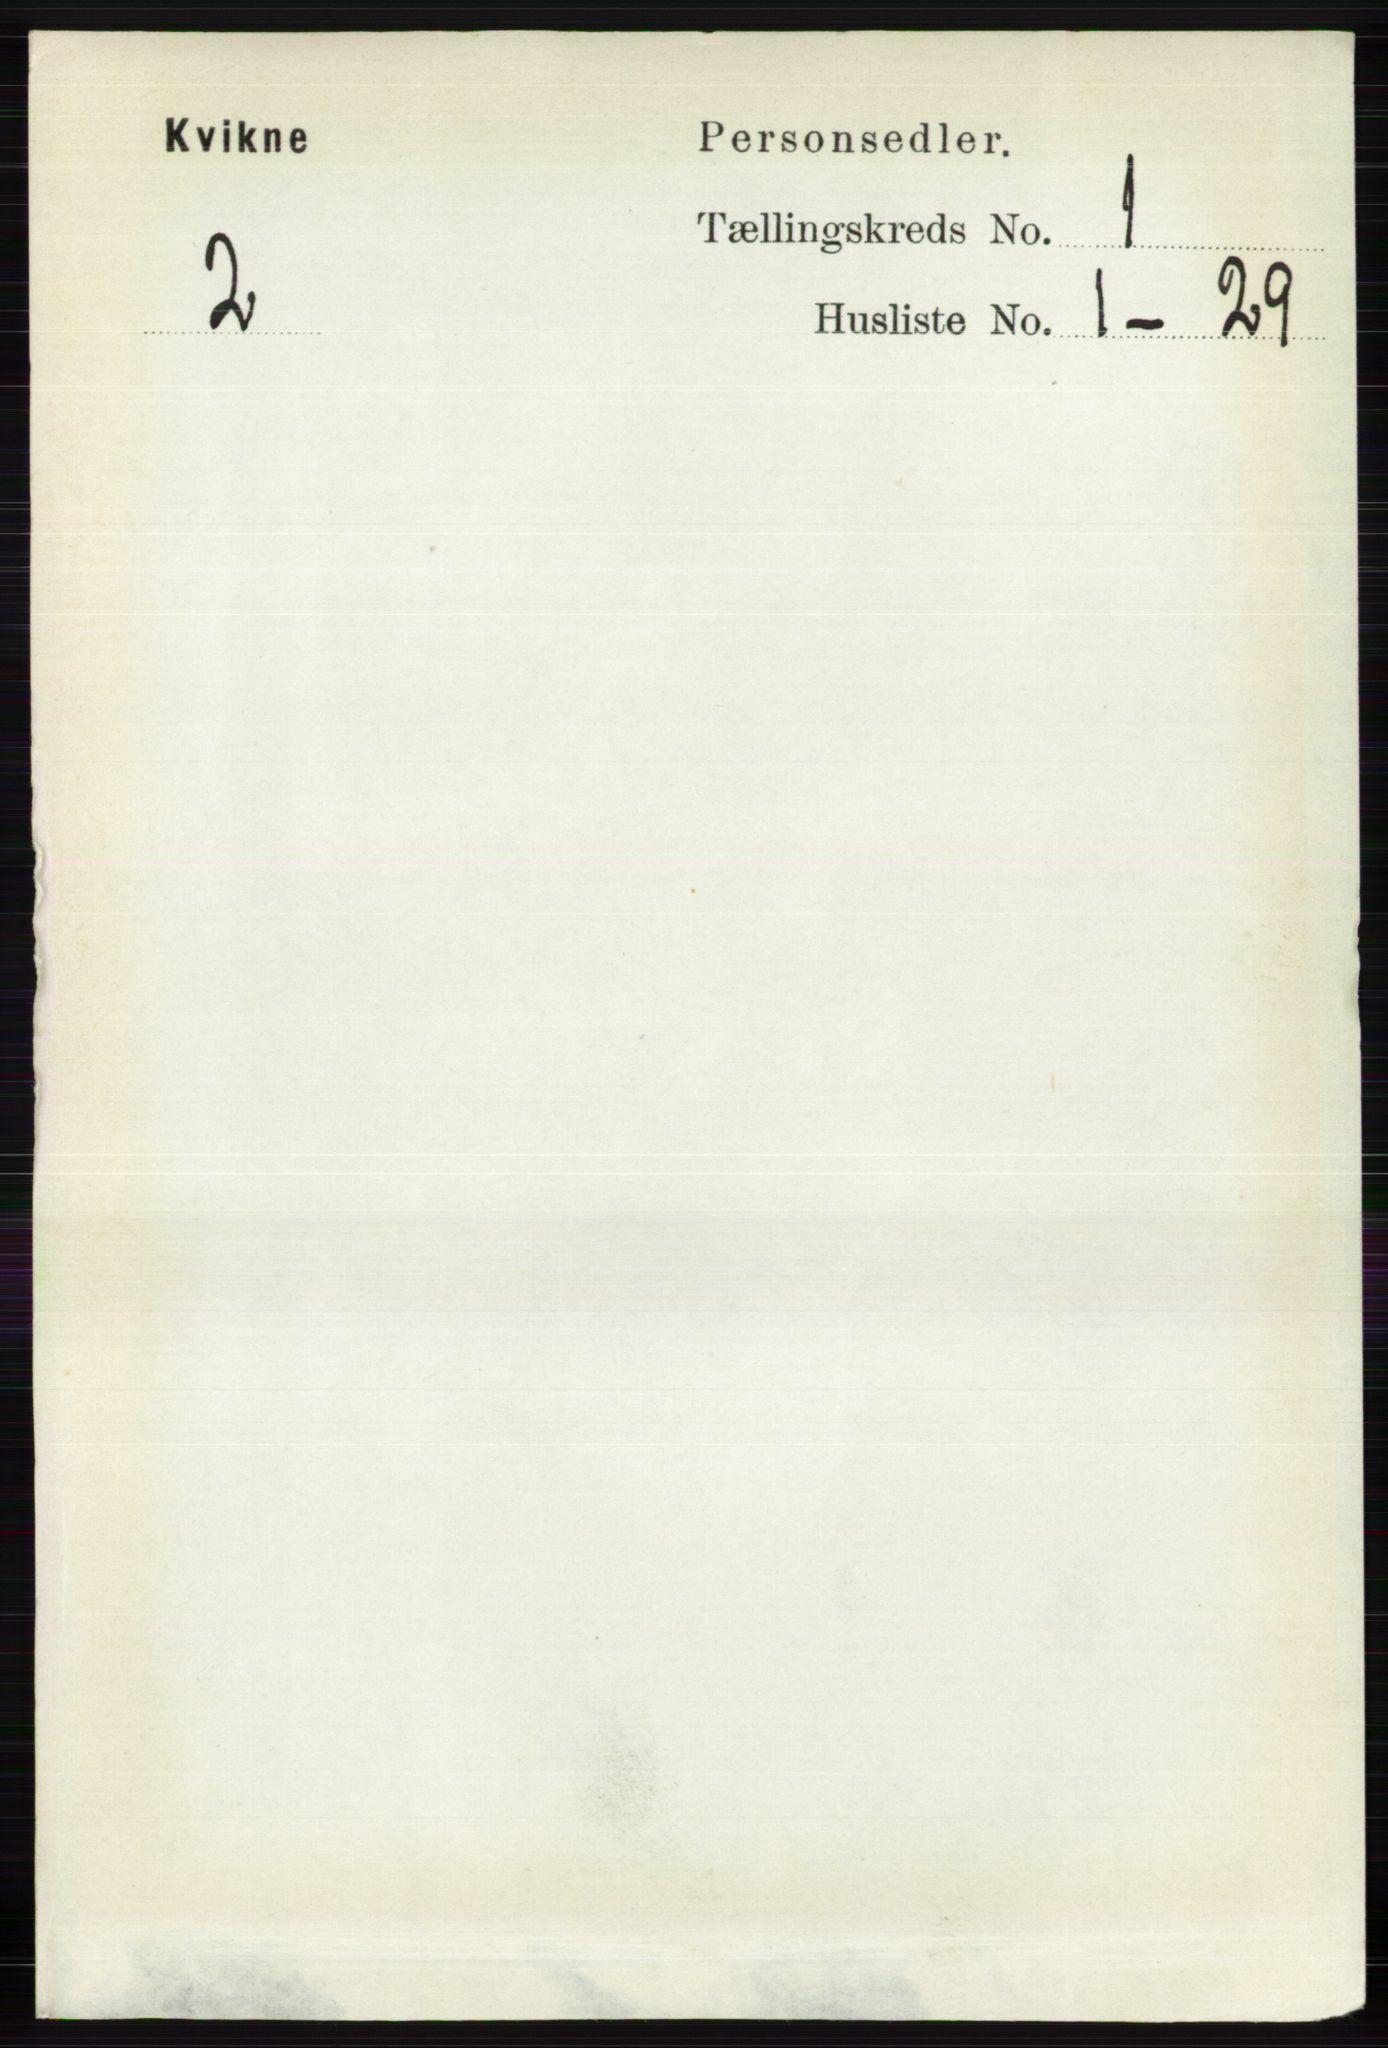 RA, Folketelling 1891 for 0440 Kvikne herred, 1891, s. 47